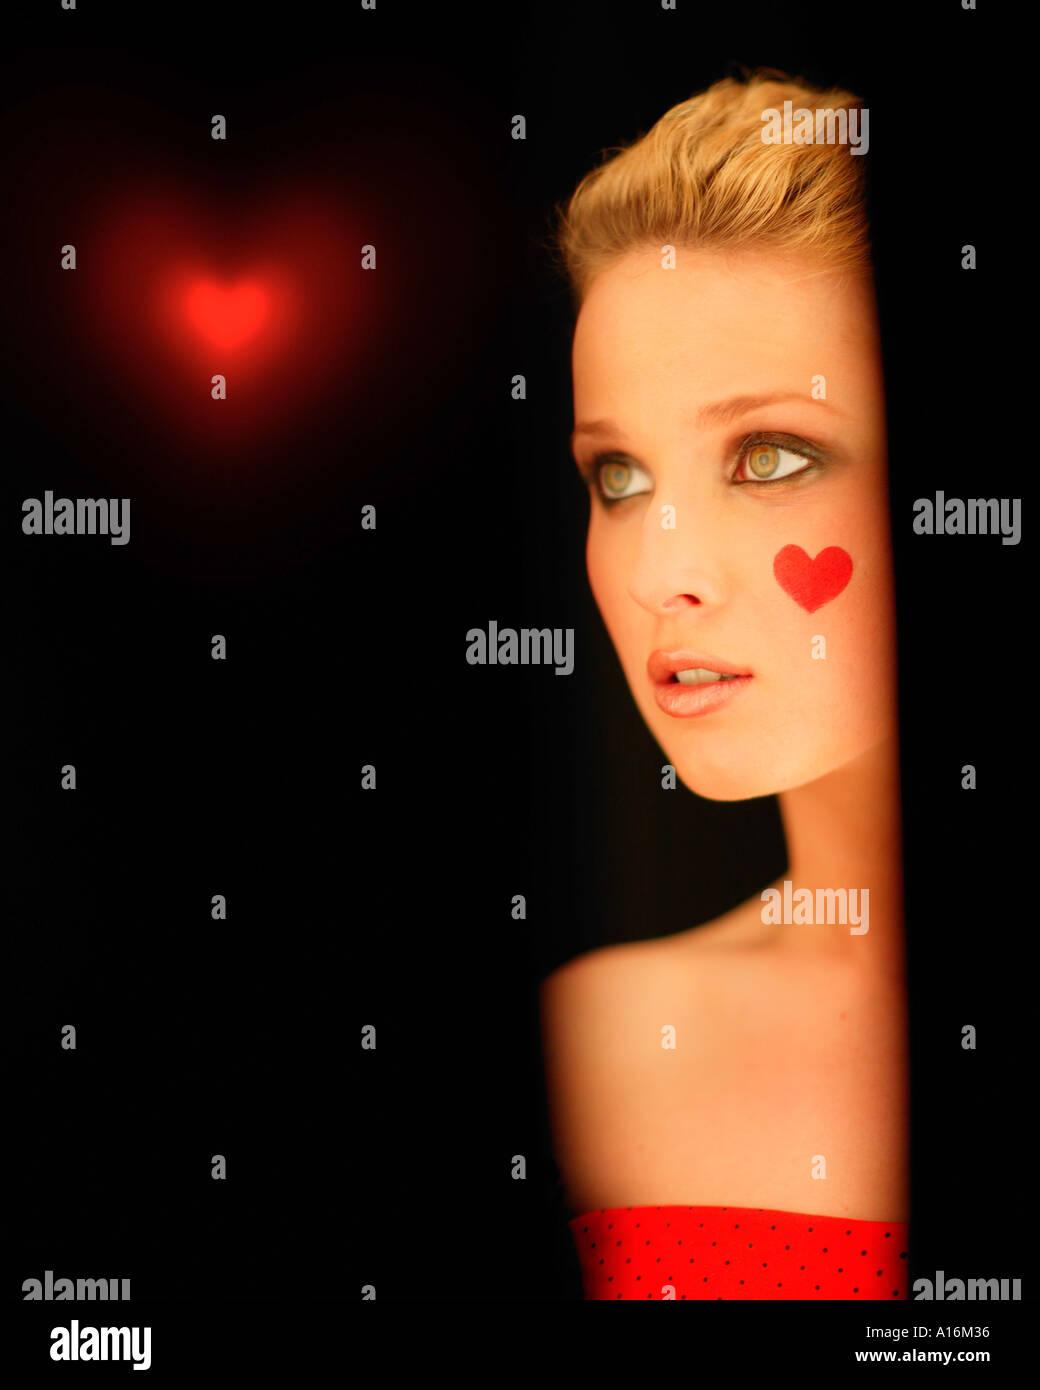 Portrait de jeune femme de 18 ans, 19, 20-24, 24-29, 30-34 ans, avec coeur rouge peint sur sa joue Photo Stock